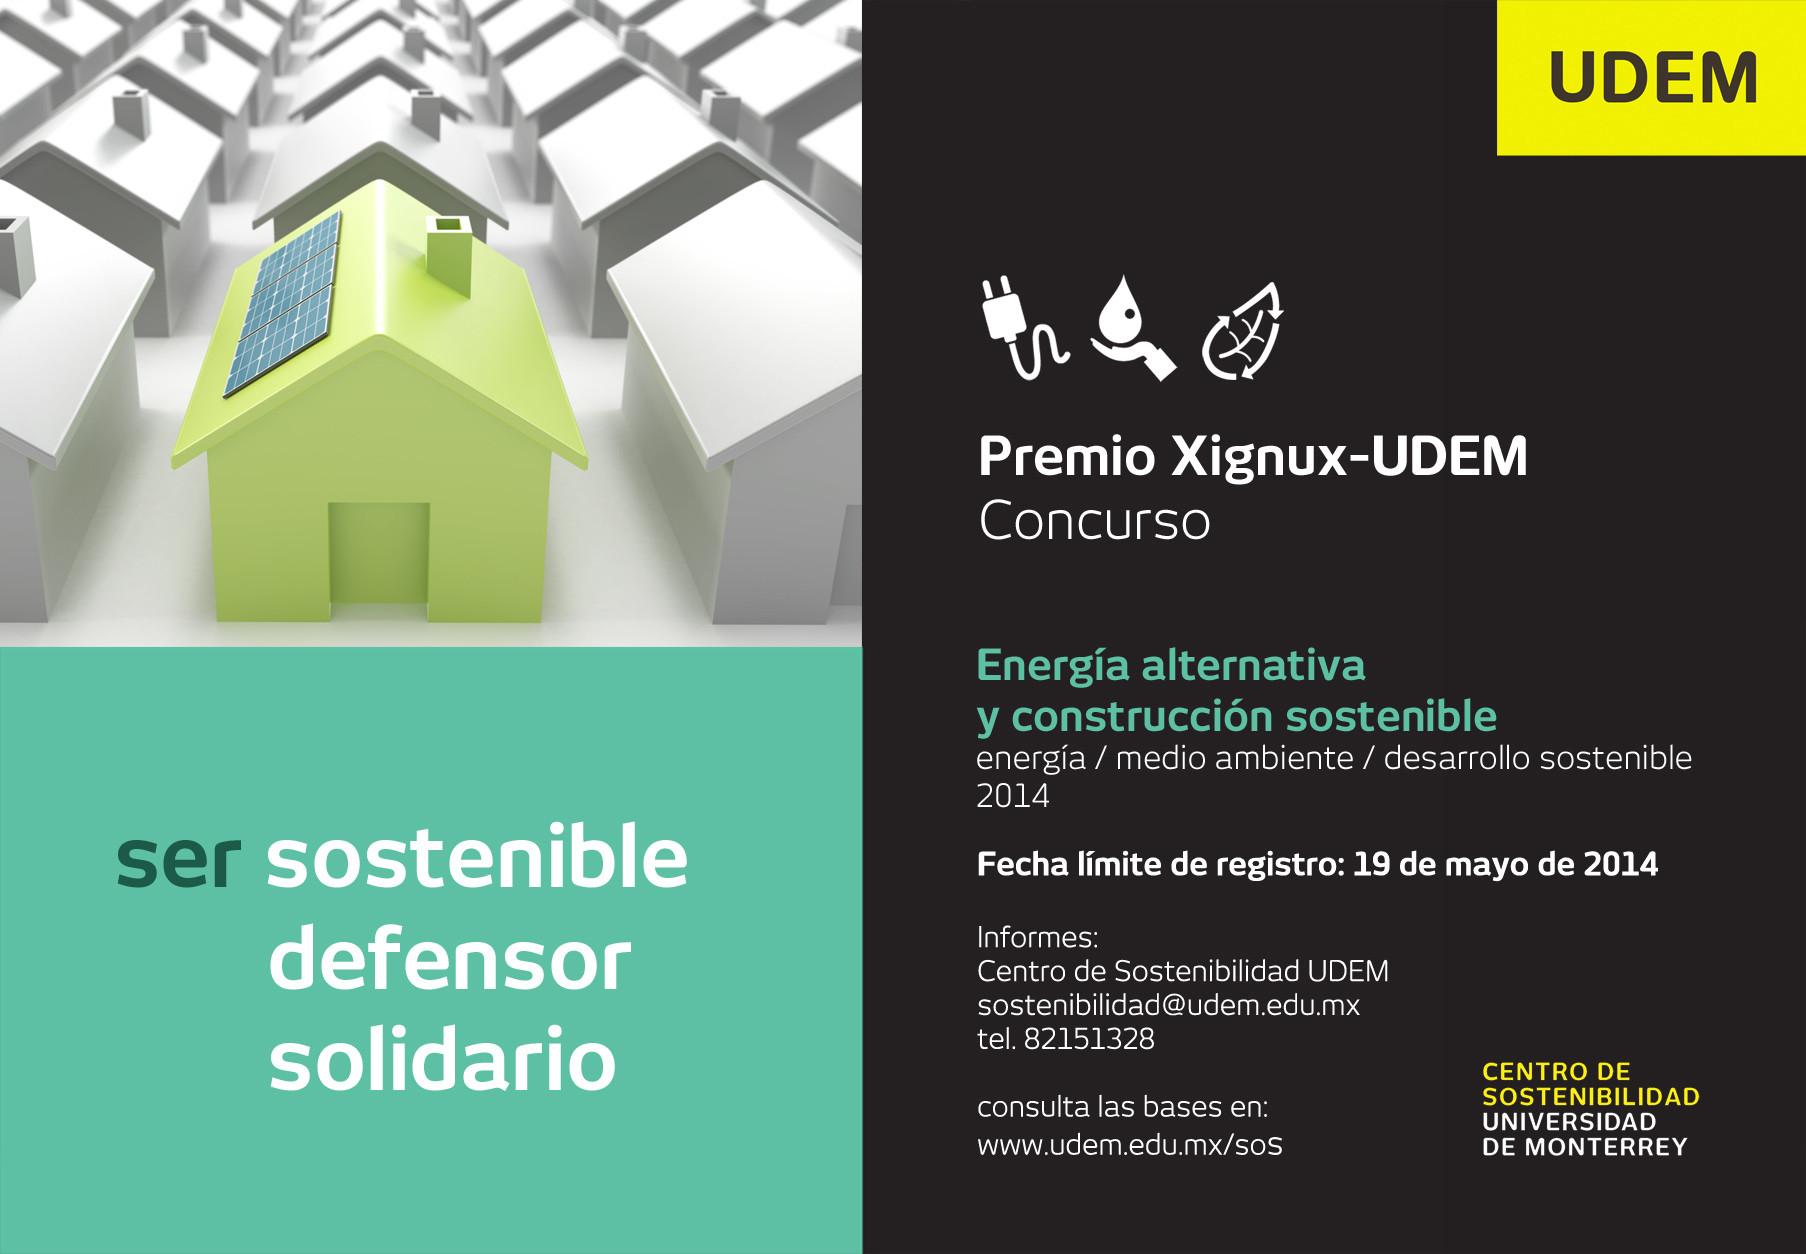 Premio Xignux-UDEM / Concurso Energía Alternativa y Construcción Sostenible